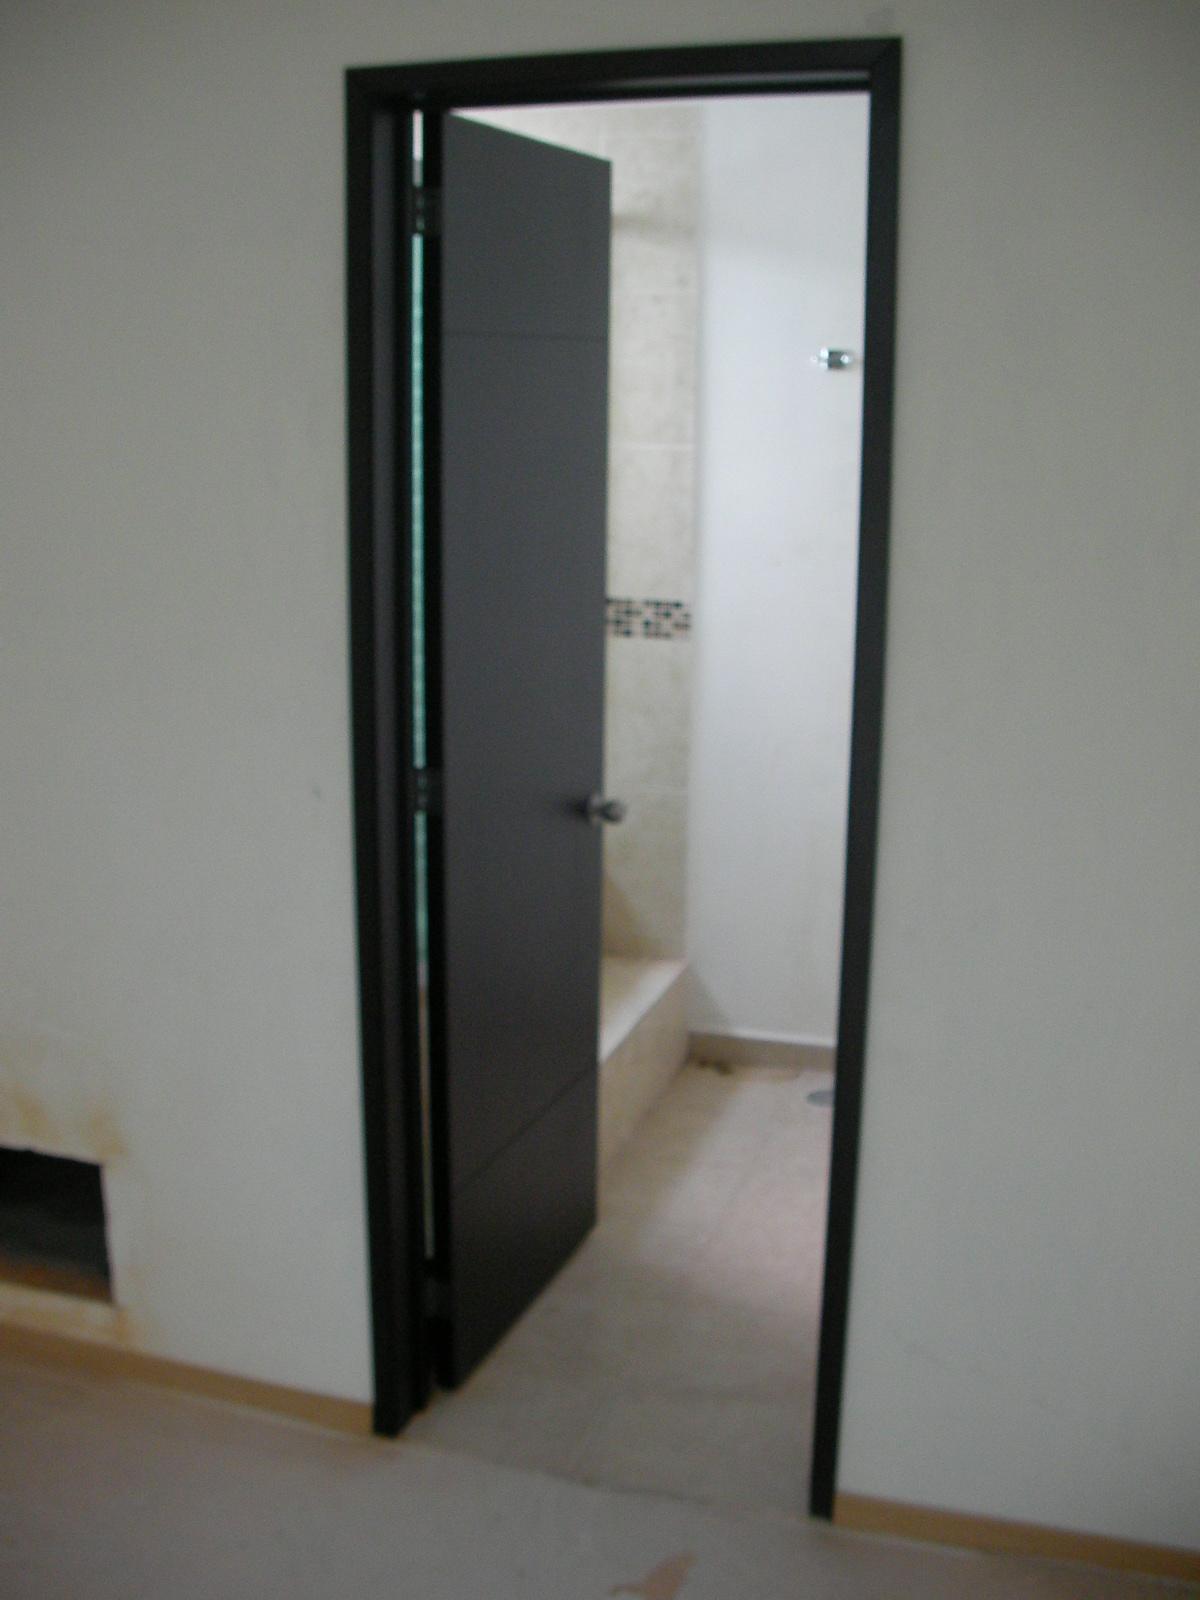 Bisagras Para Puertas De Baño: Integrales Residencial: Puertas; principal, de recamara, de baño